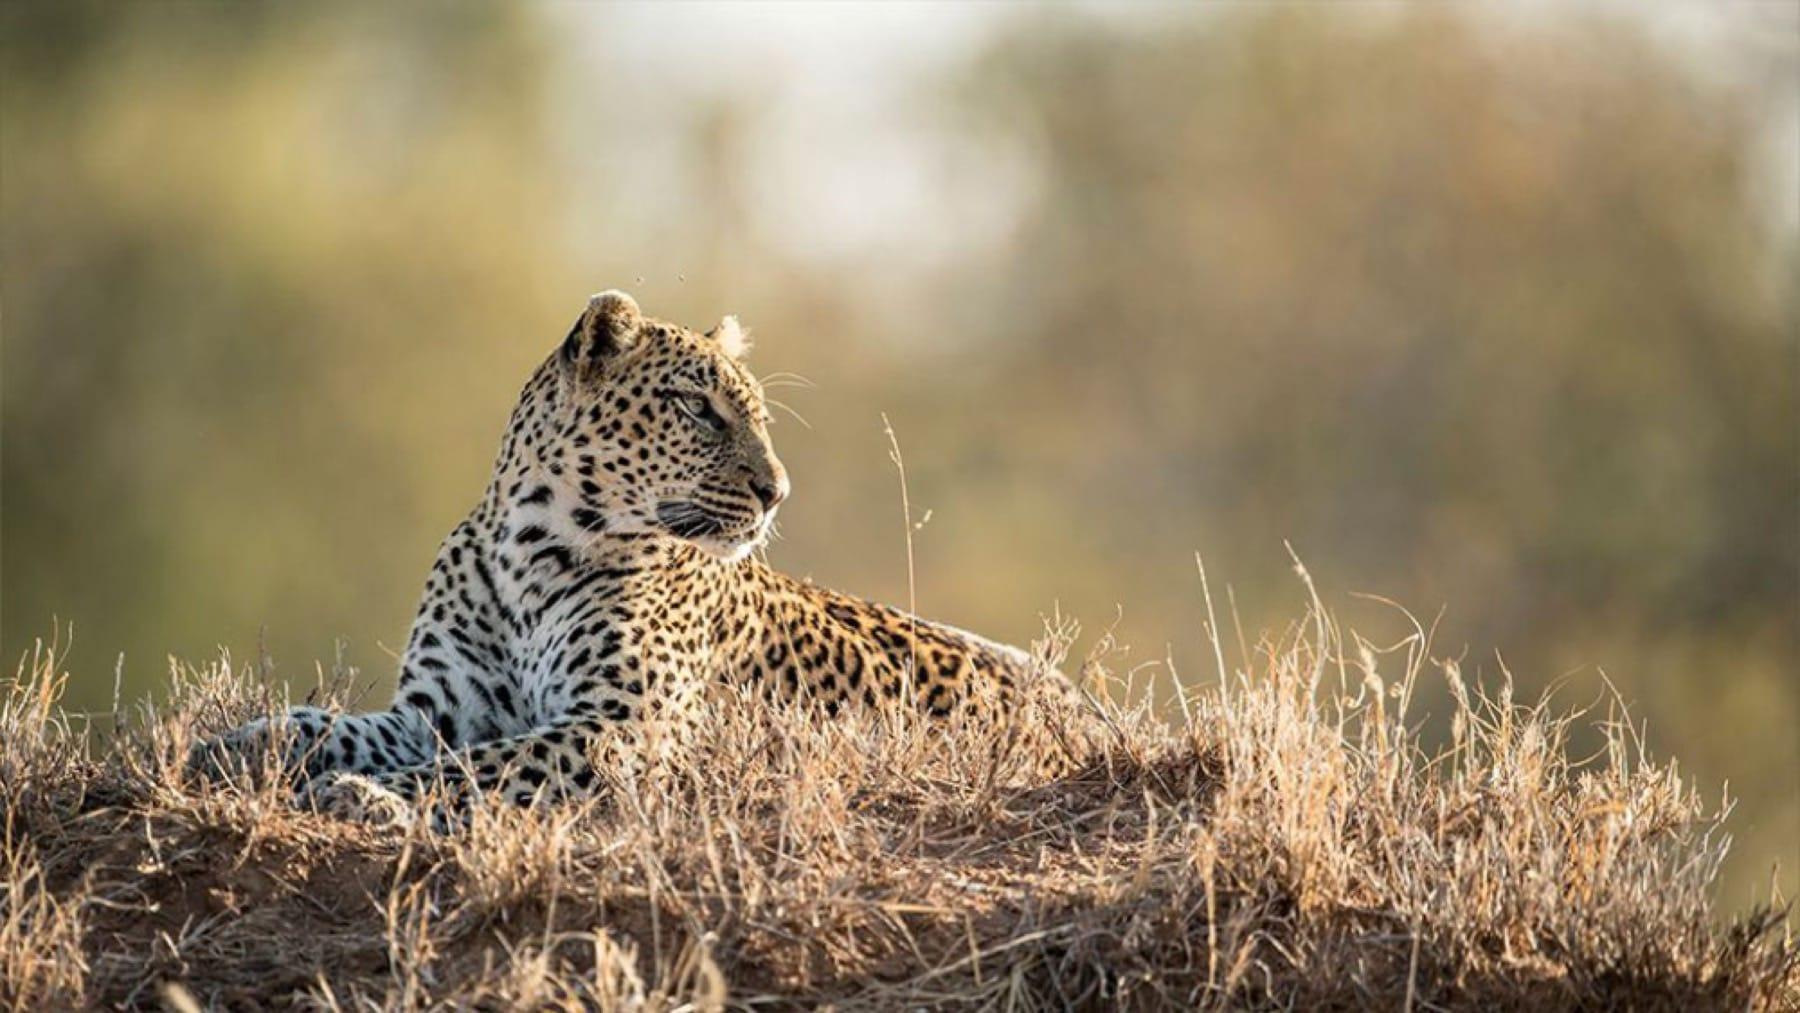 leopard kruger national park sabi sands big five safari